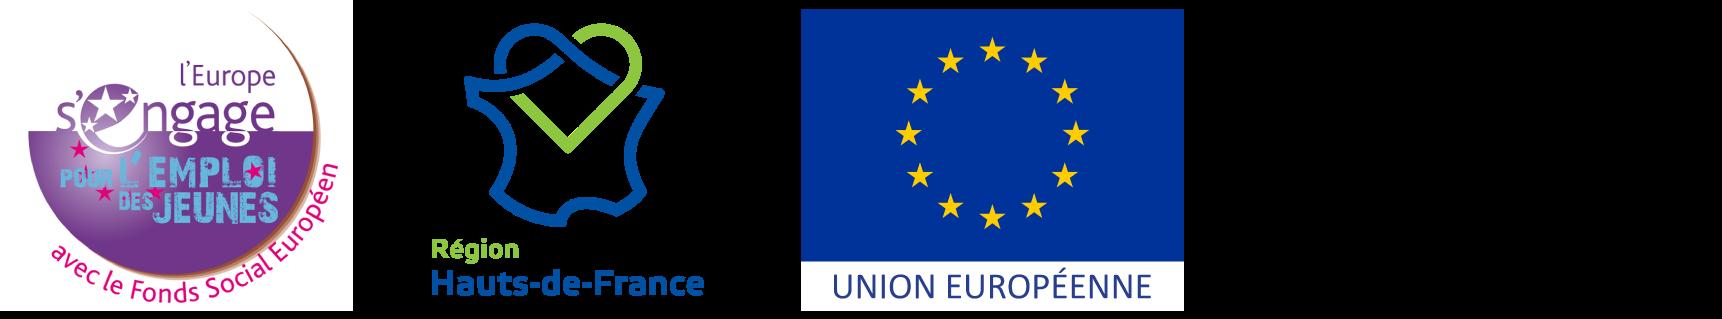 Ce projet est financé par le Fonds Social Européen dans le cadre du programme opérationnel